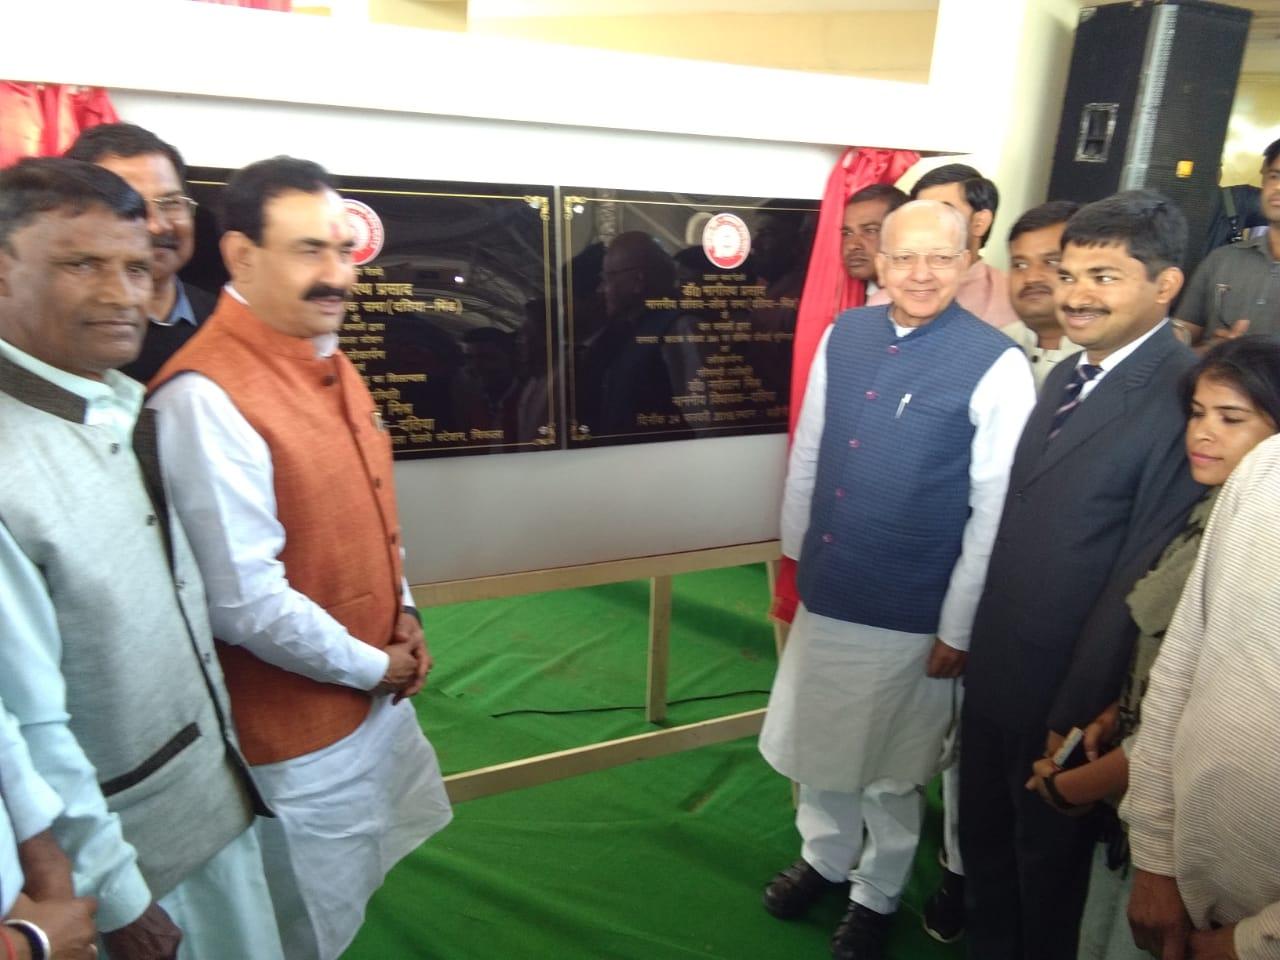 प्रदेश के सबसे छोटे जिले में हैं पांच रेलवे स्टेशन